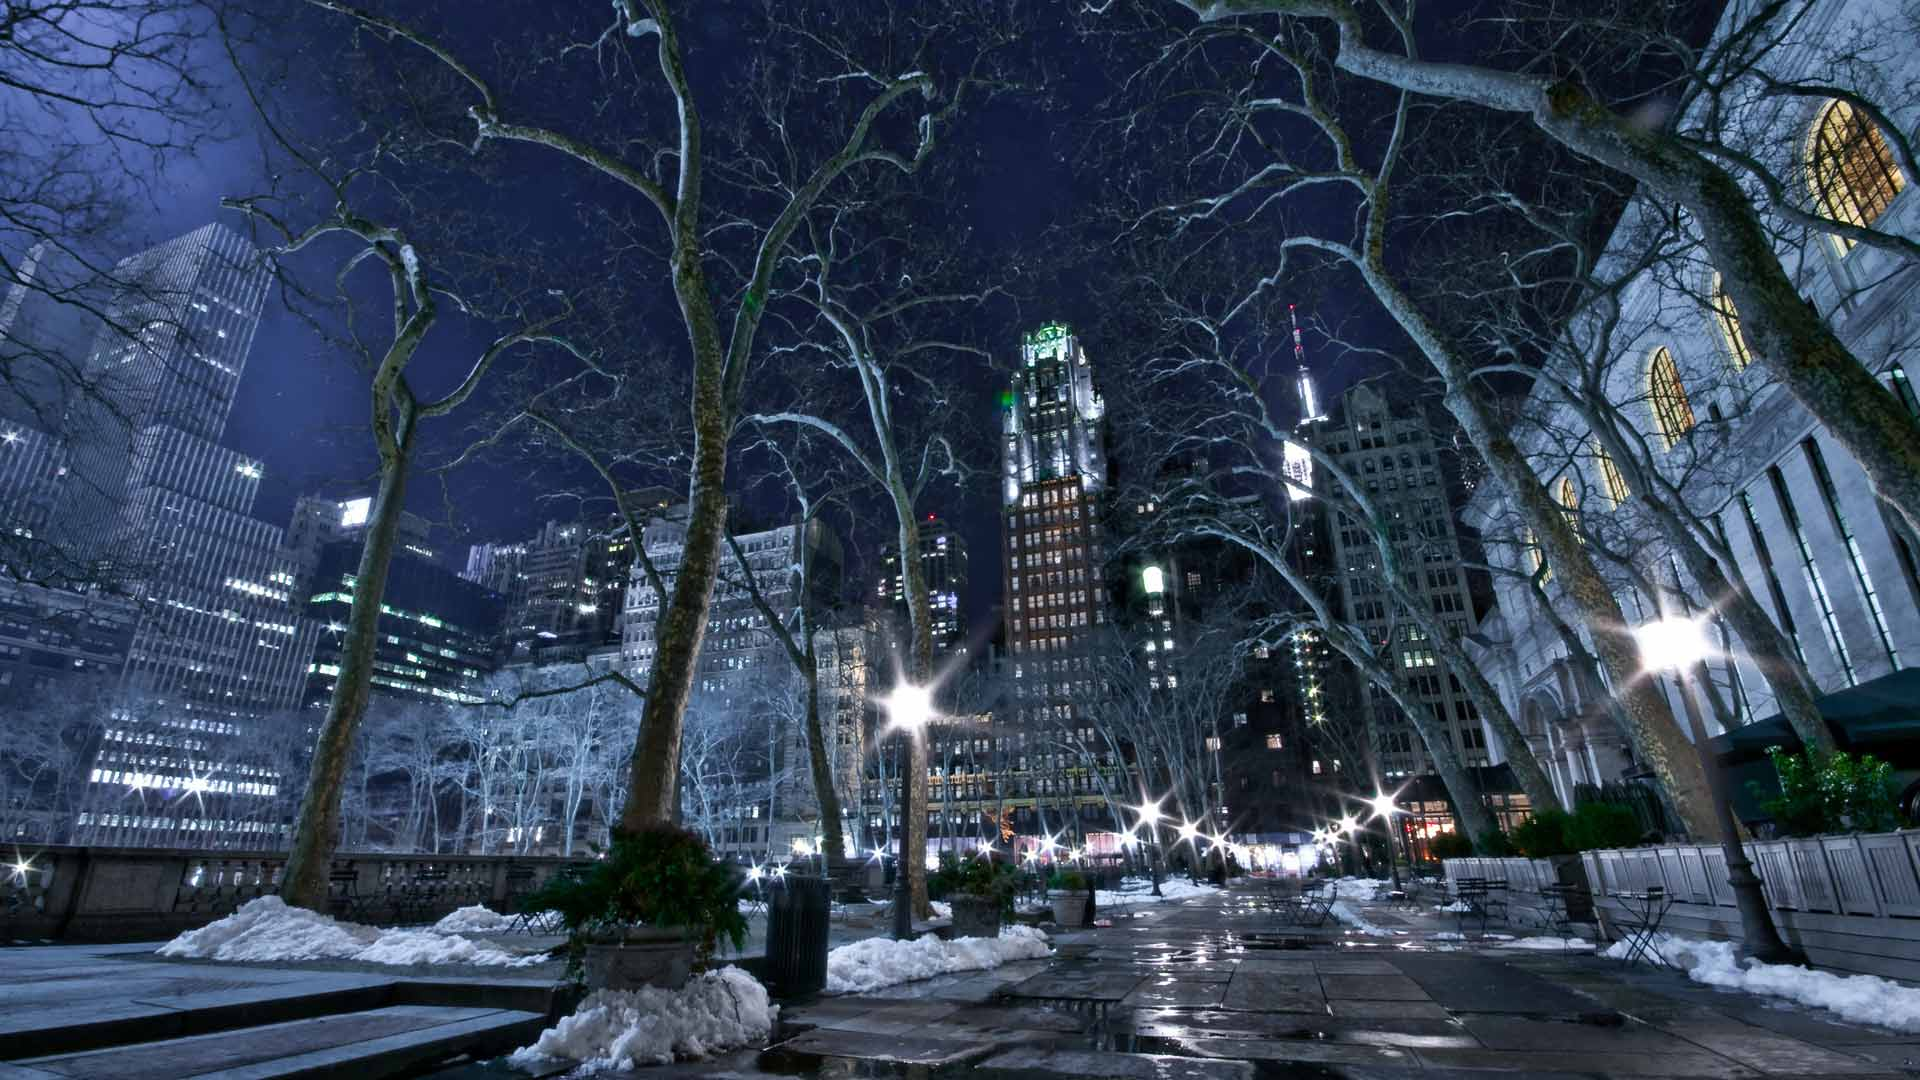 Нью йорк стальные краски зимнего нью